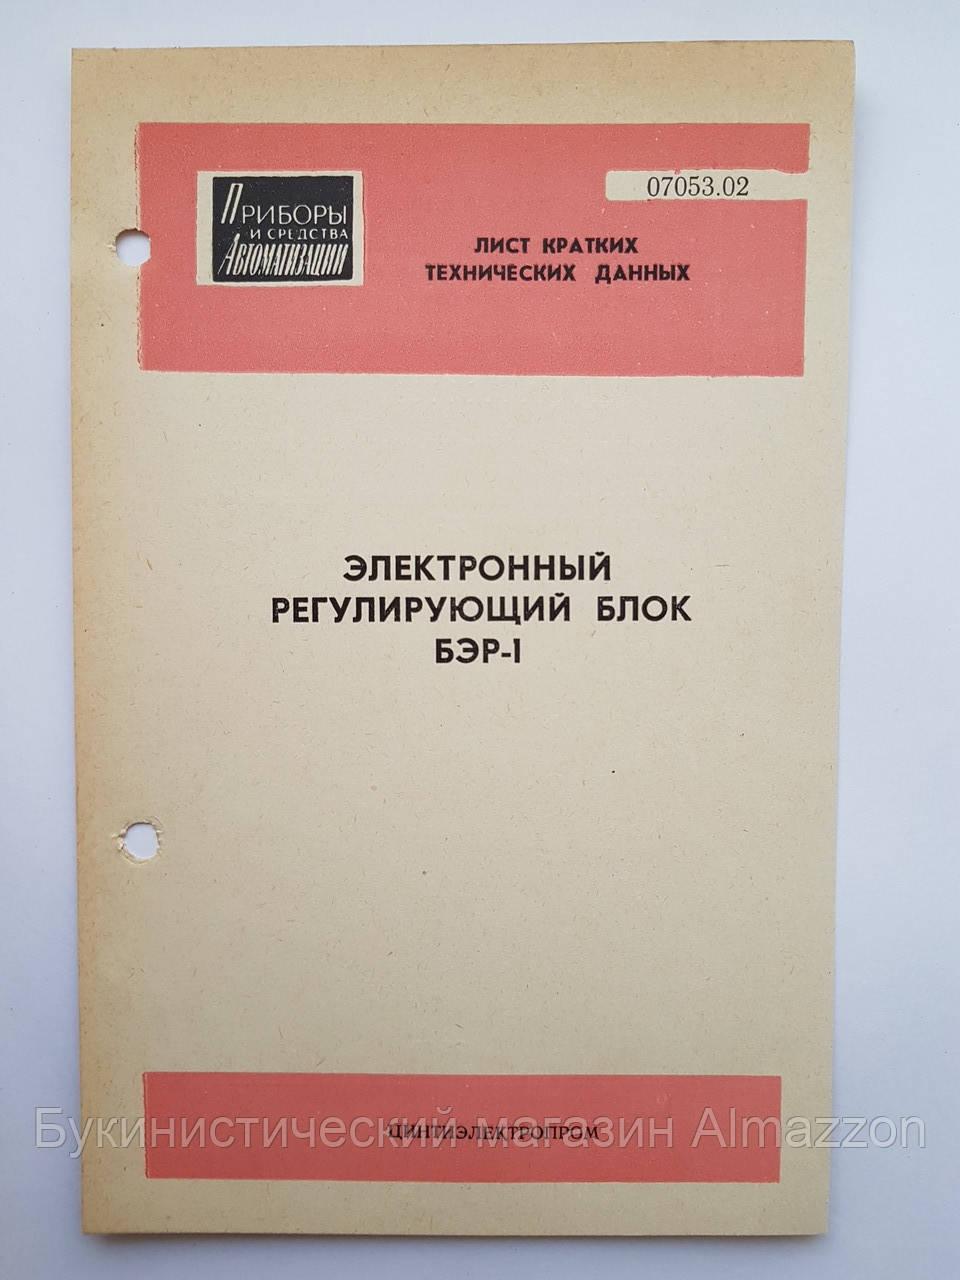 """Лист кратких технических данных """"Электронный регулирующий блок БЭР-1 07053.02"""""""